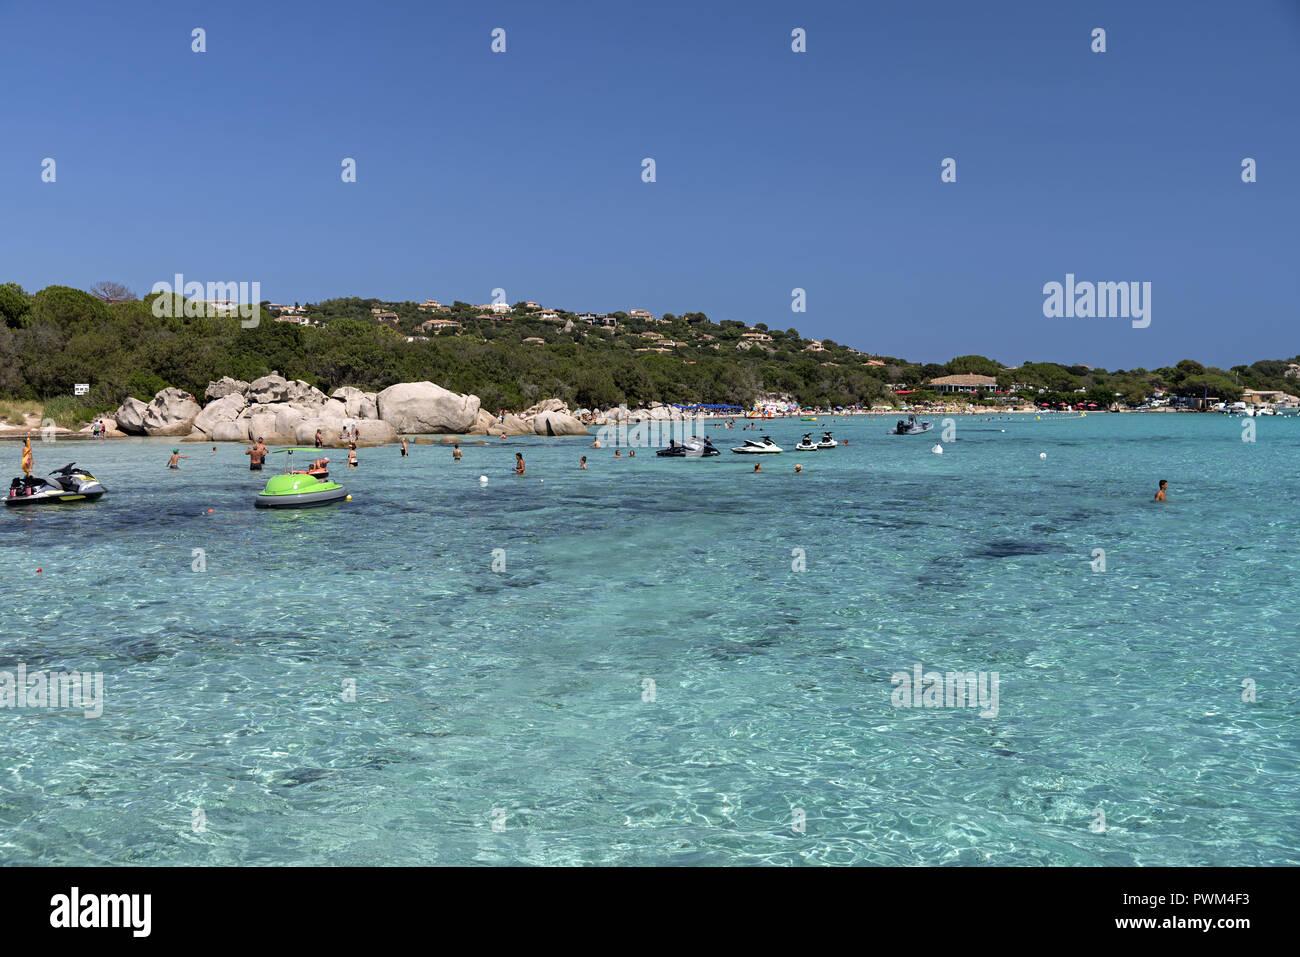 People relaxing on the beach and in the water. Beach of Santa Giulia in Corsica. Plaża Santa Giulia na Korsyce. Ludzie wypoczywający na plaży. - Stock Image